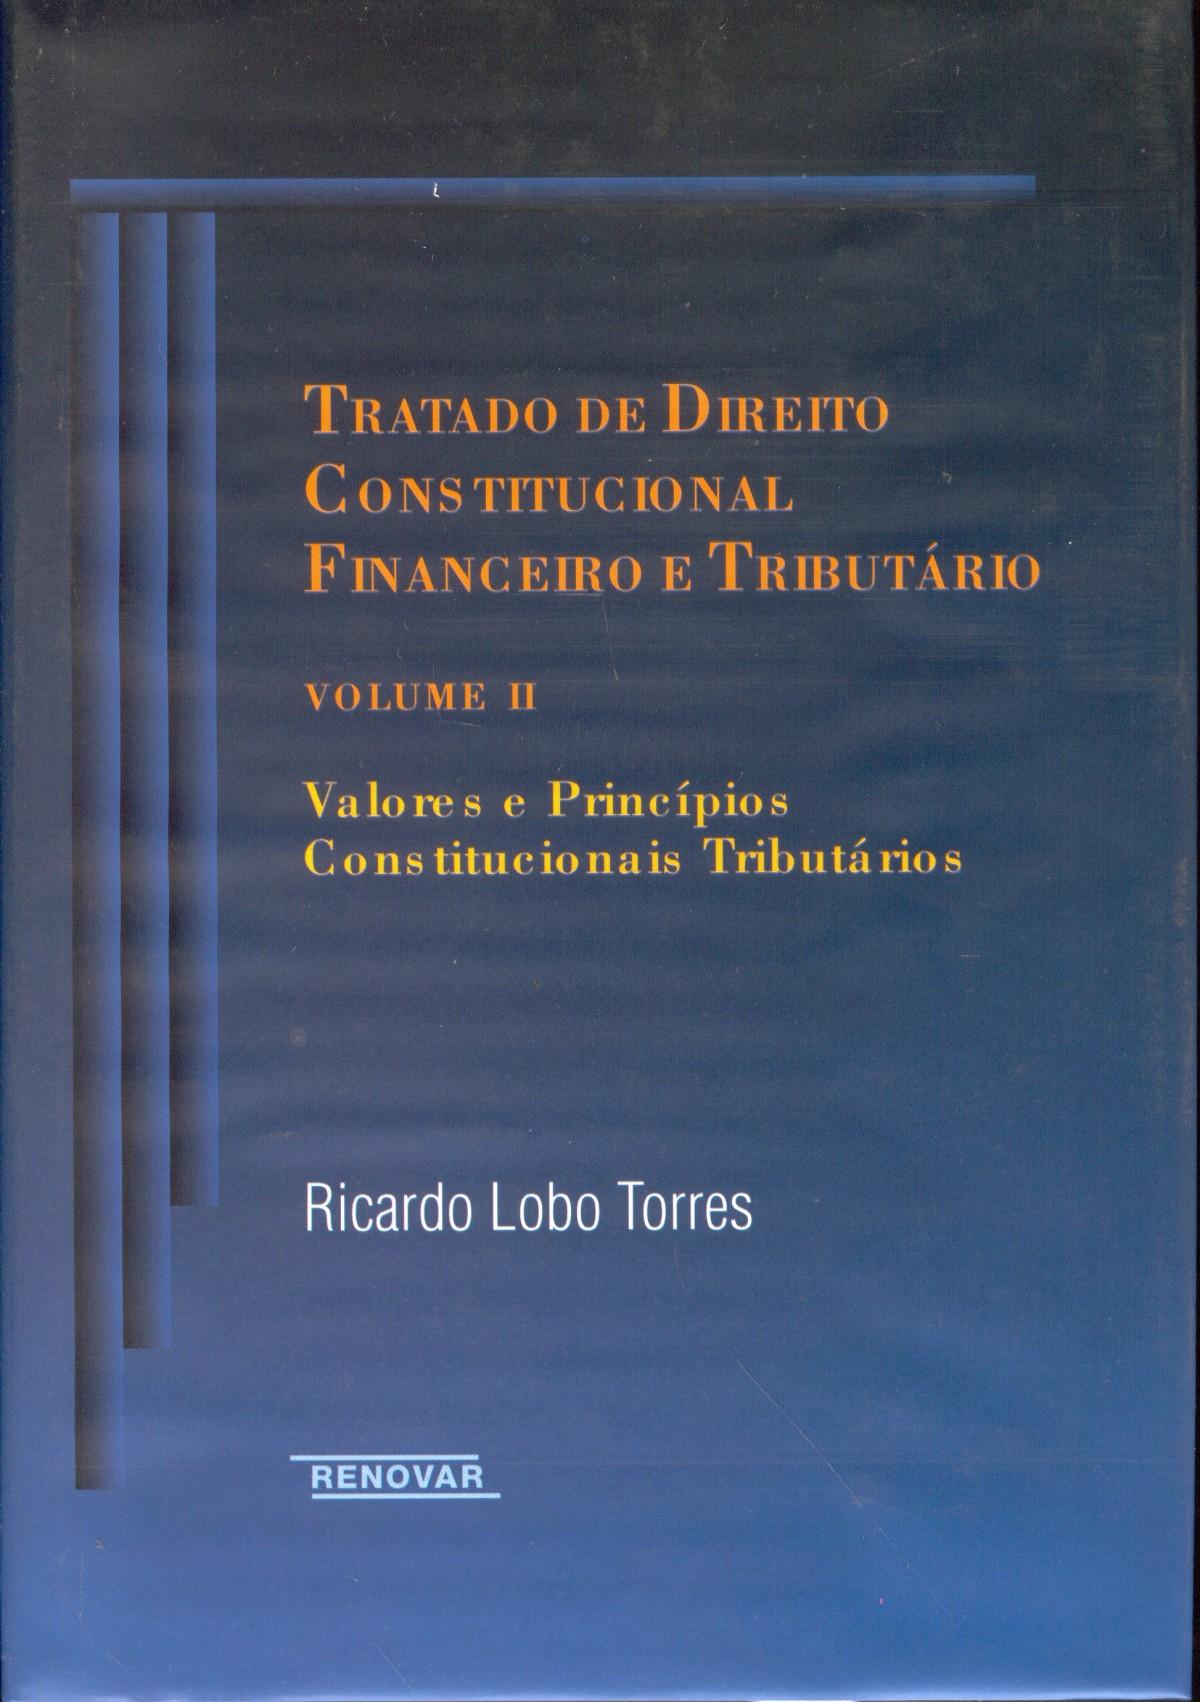 Foto 1 - Tratado de Direito Constitucional Financeiro e Tributário - Vol. II